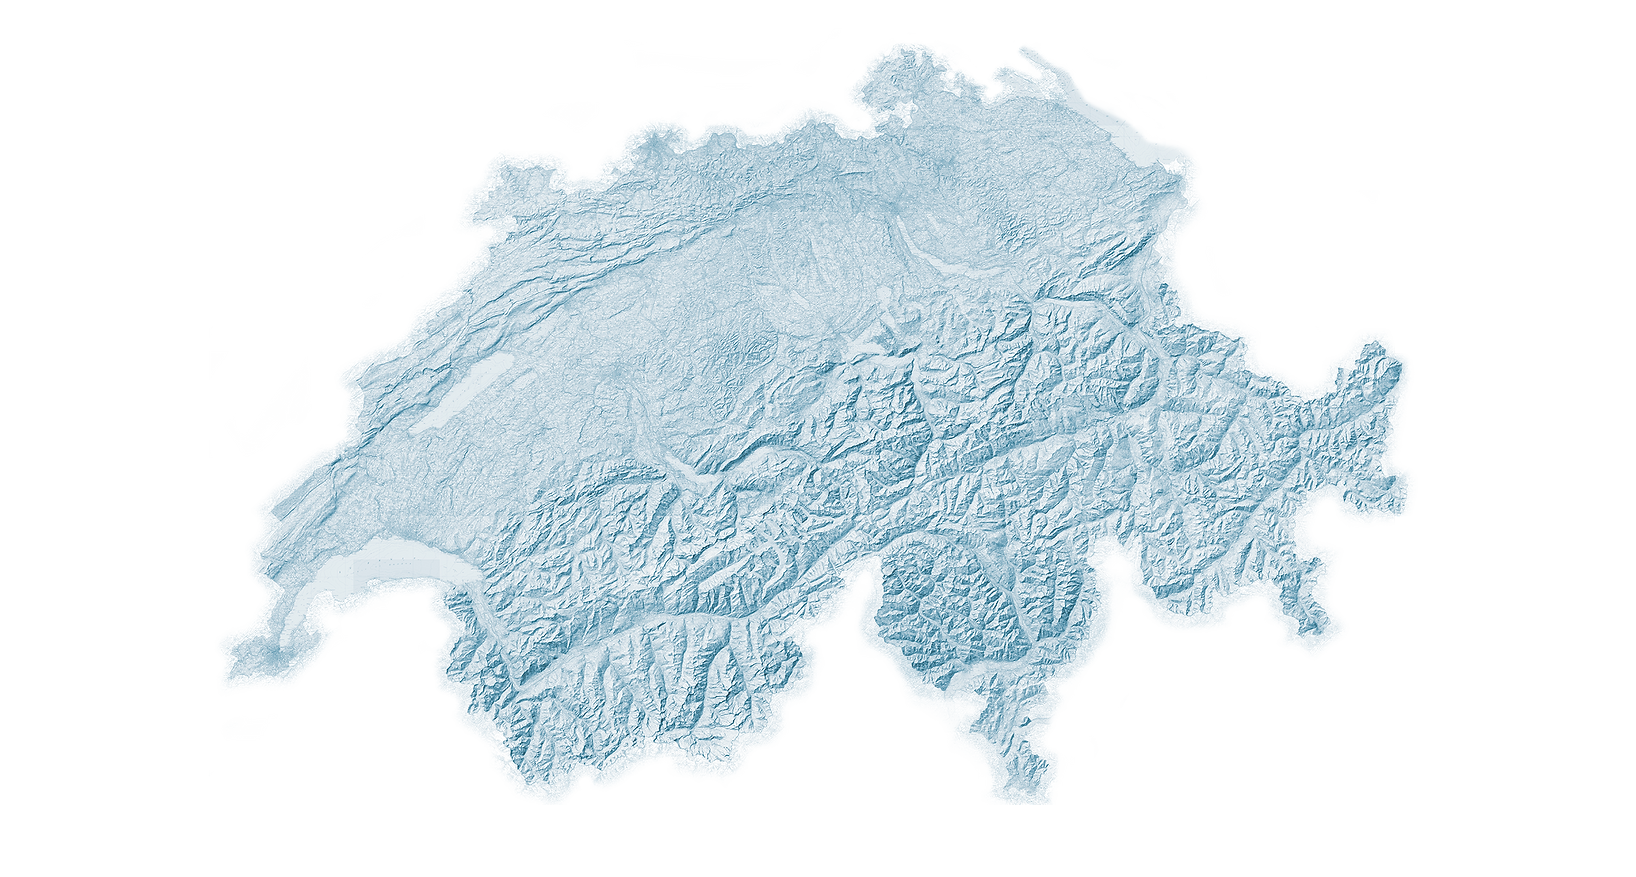 Die Schweiz, Hangneigungskarte